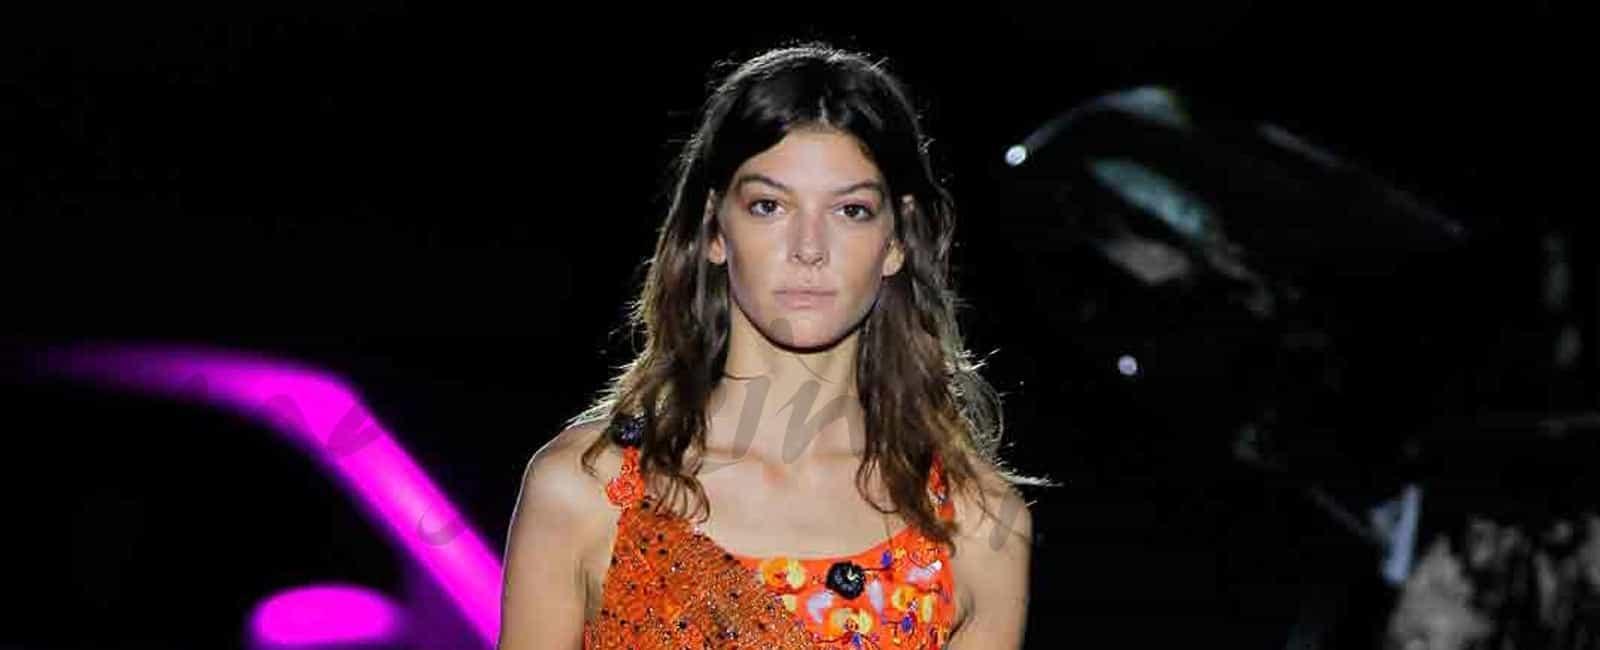 Marta Ortiz, la modelo más destacada de MBFWM